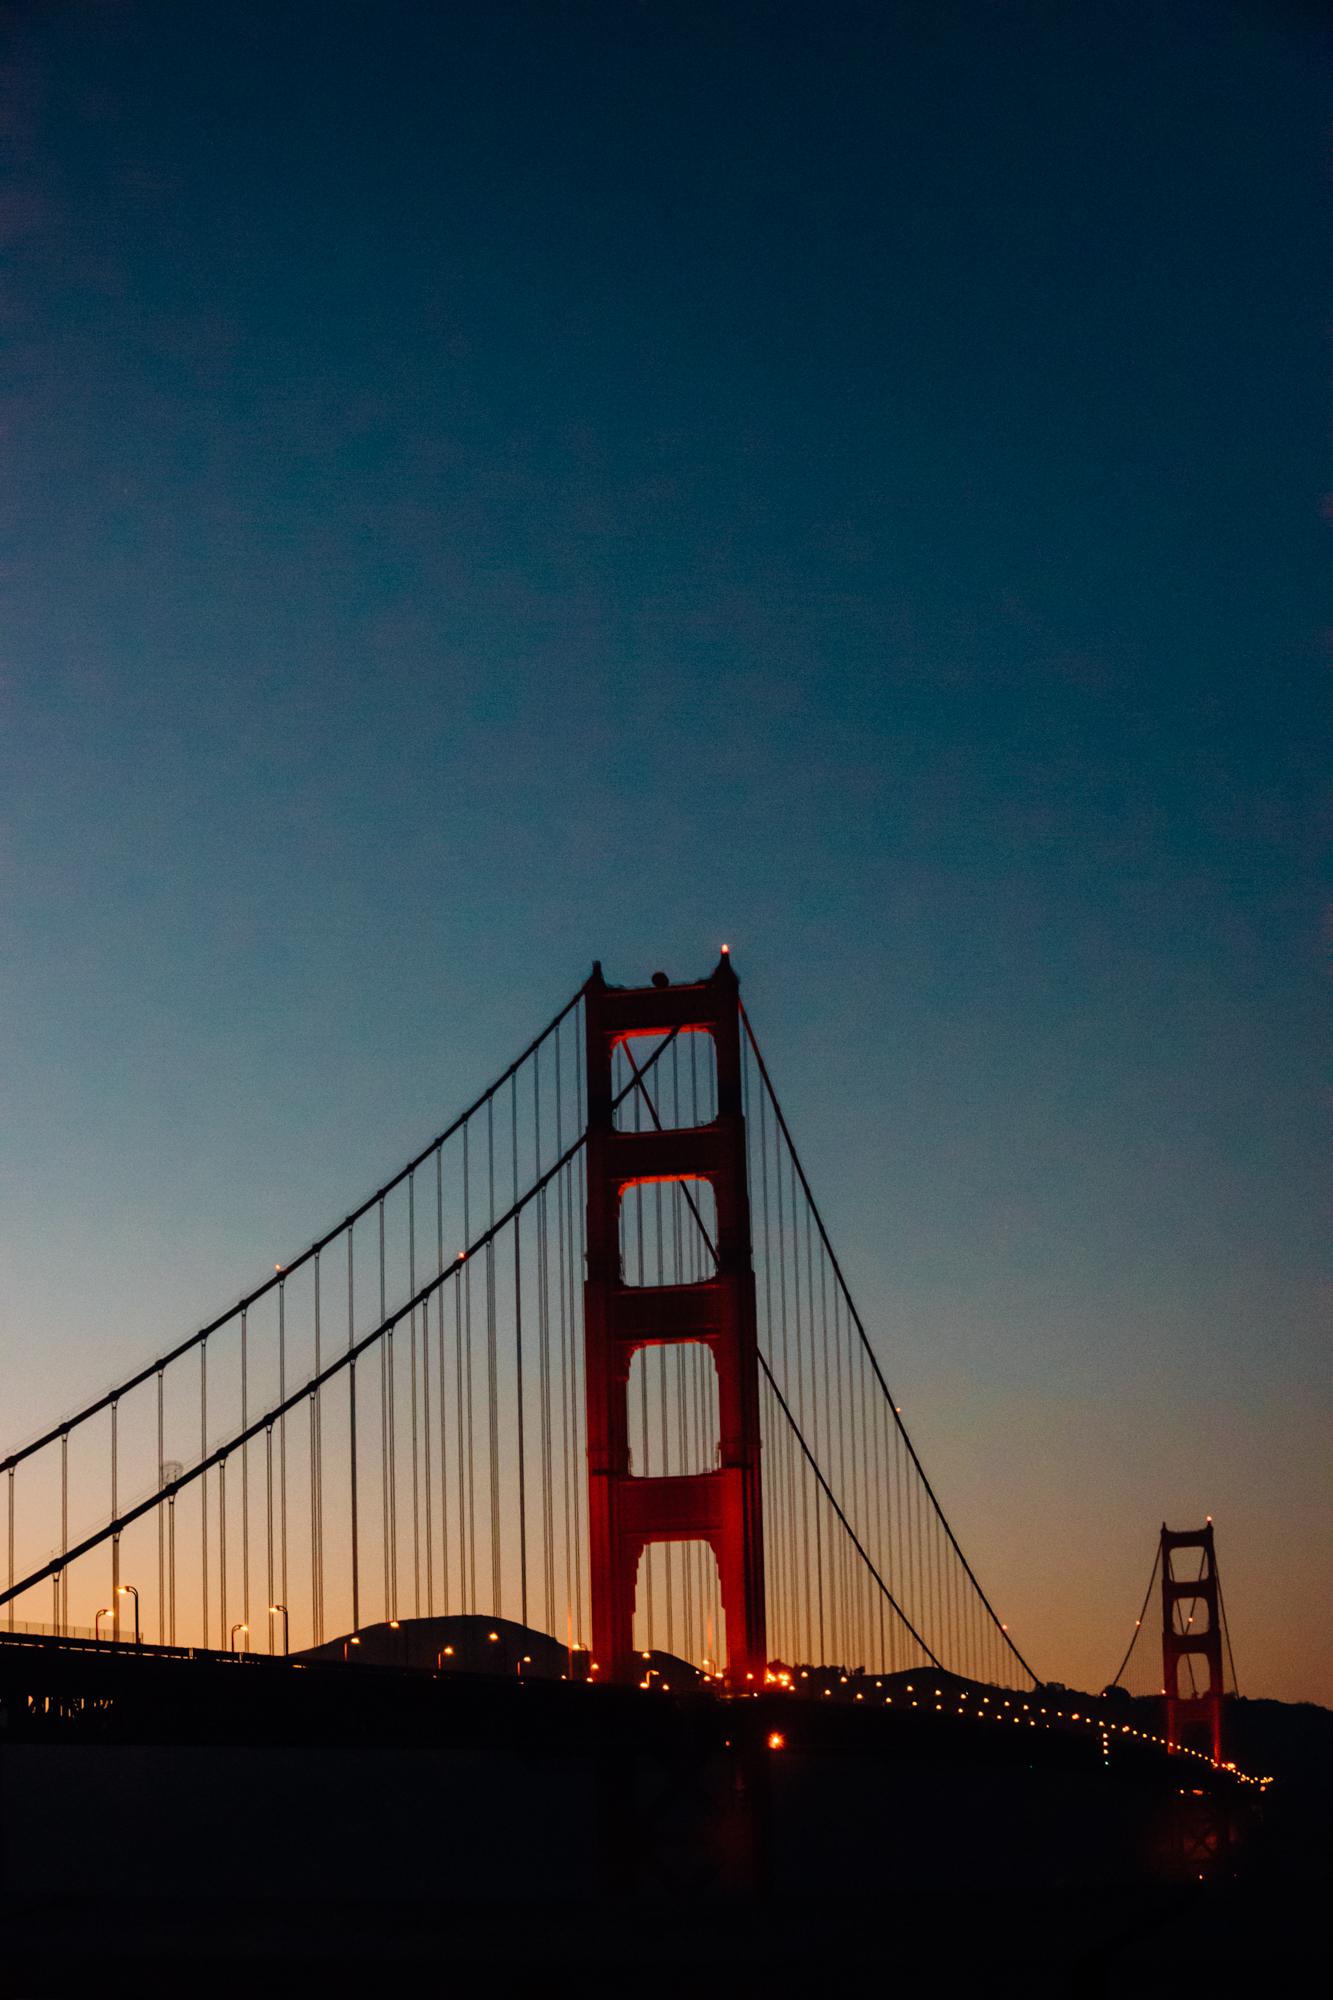 Golden Gate Bridge San Francisco California USA | A Beautiful Distraction by Ruo Ling Lu